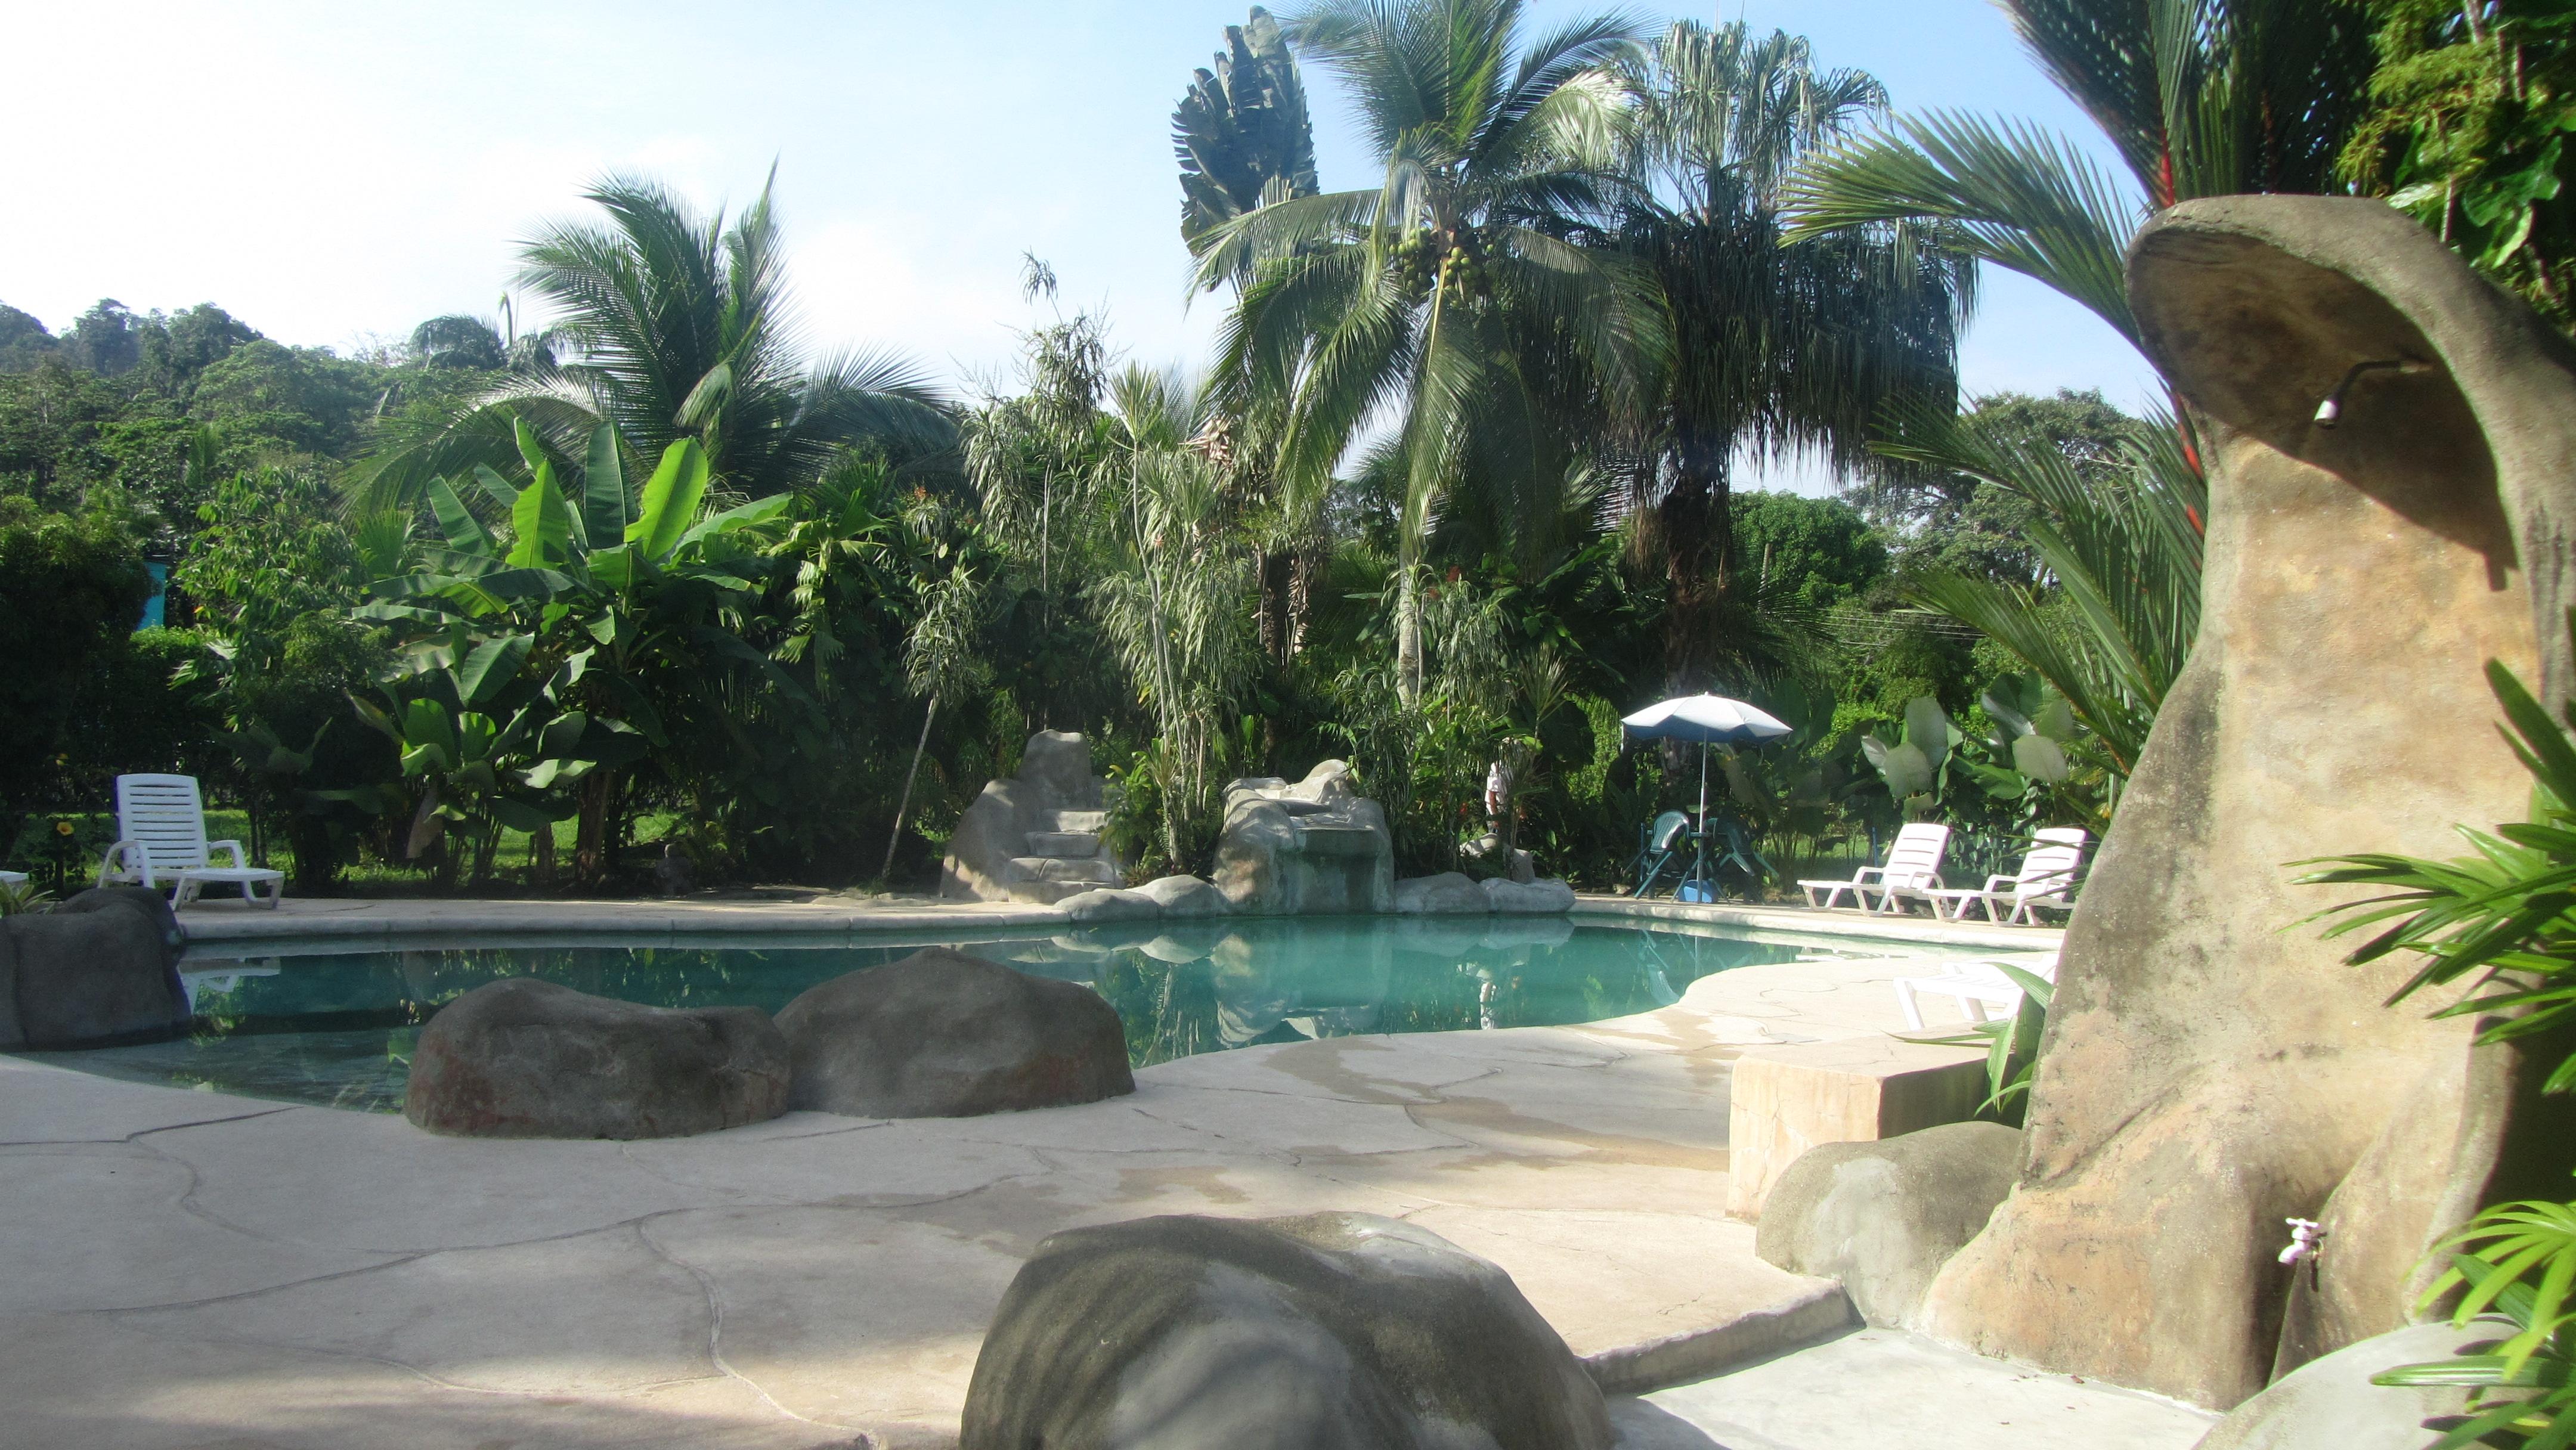 Casa Verde hotel in Puerto Viejo